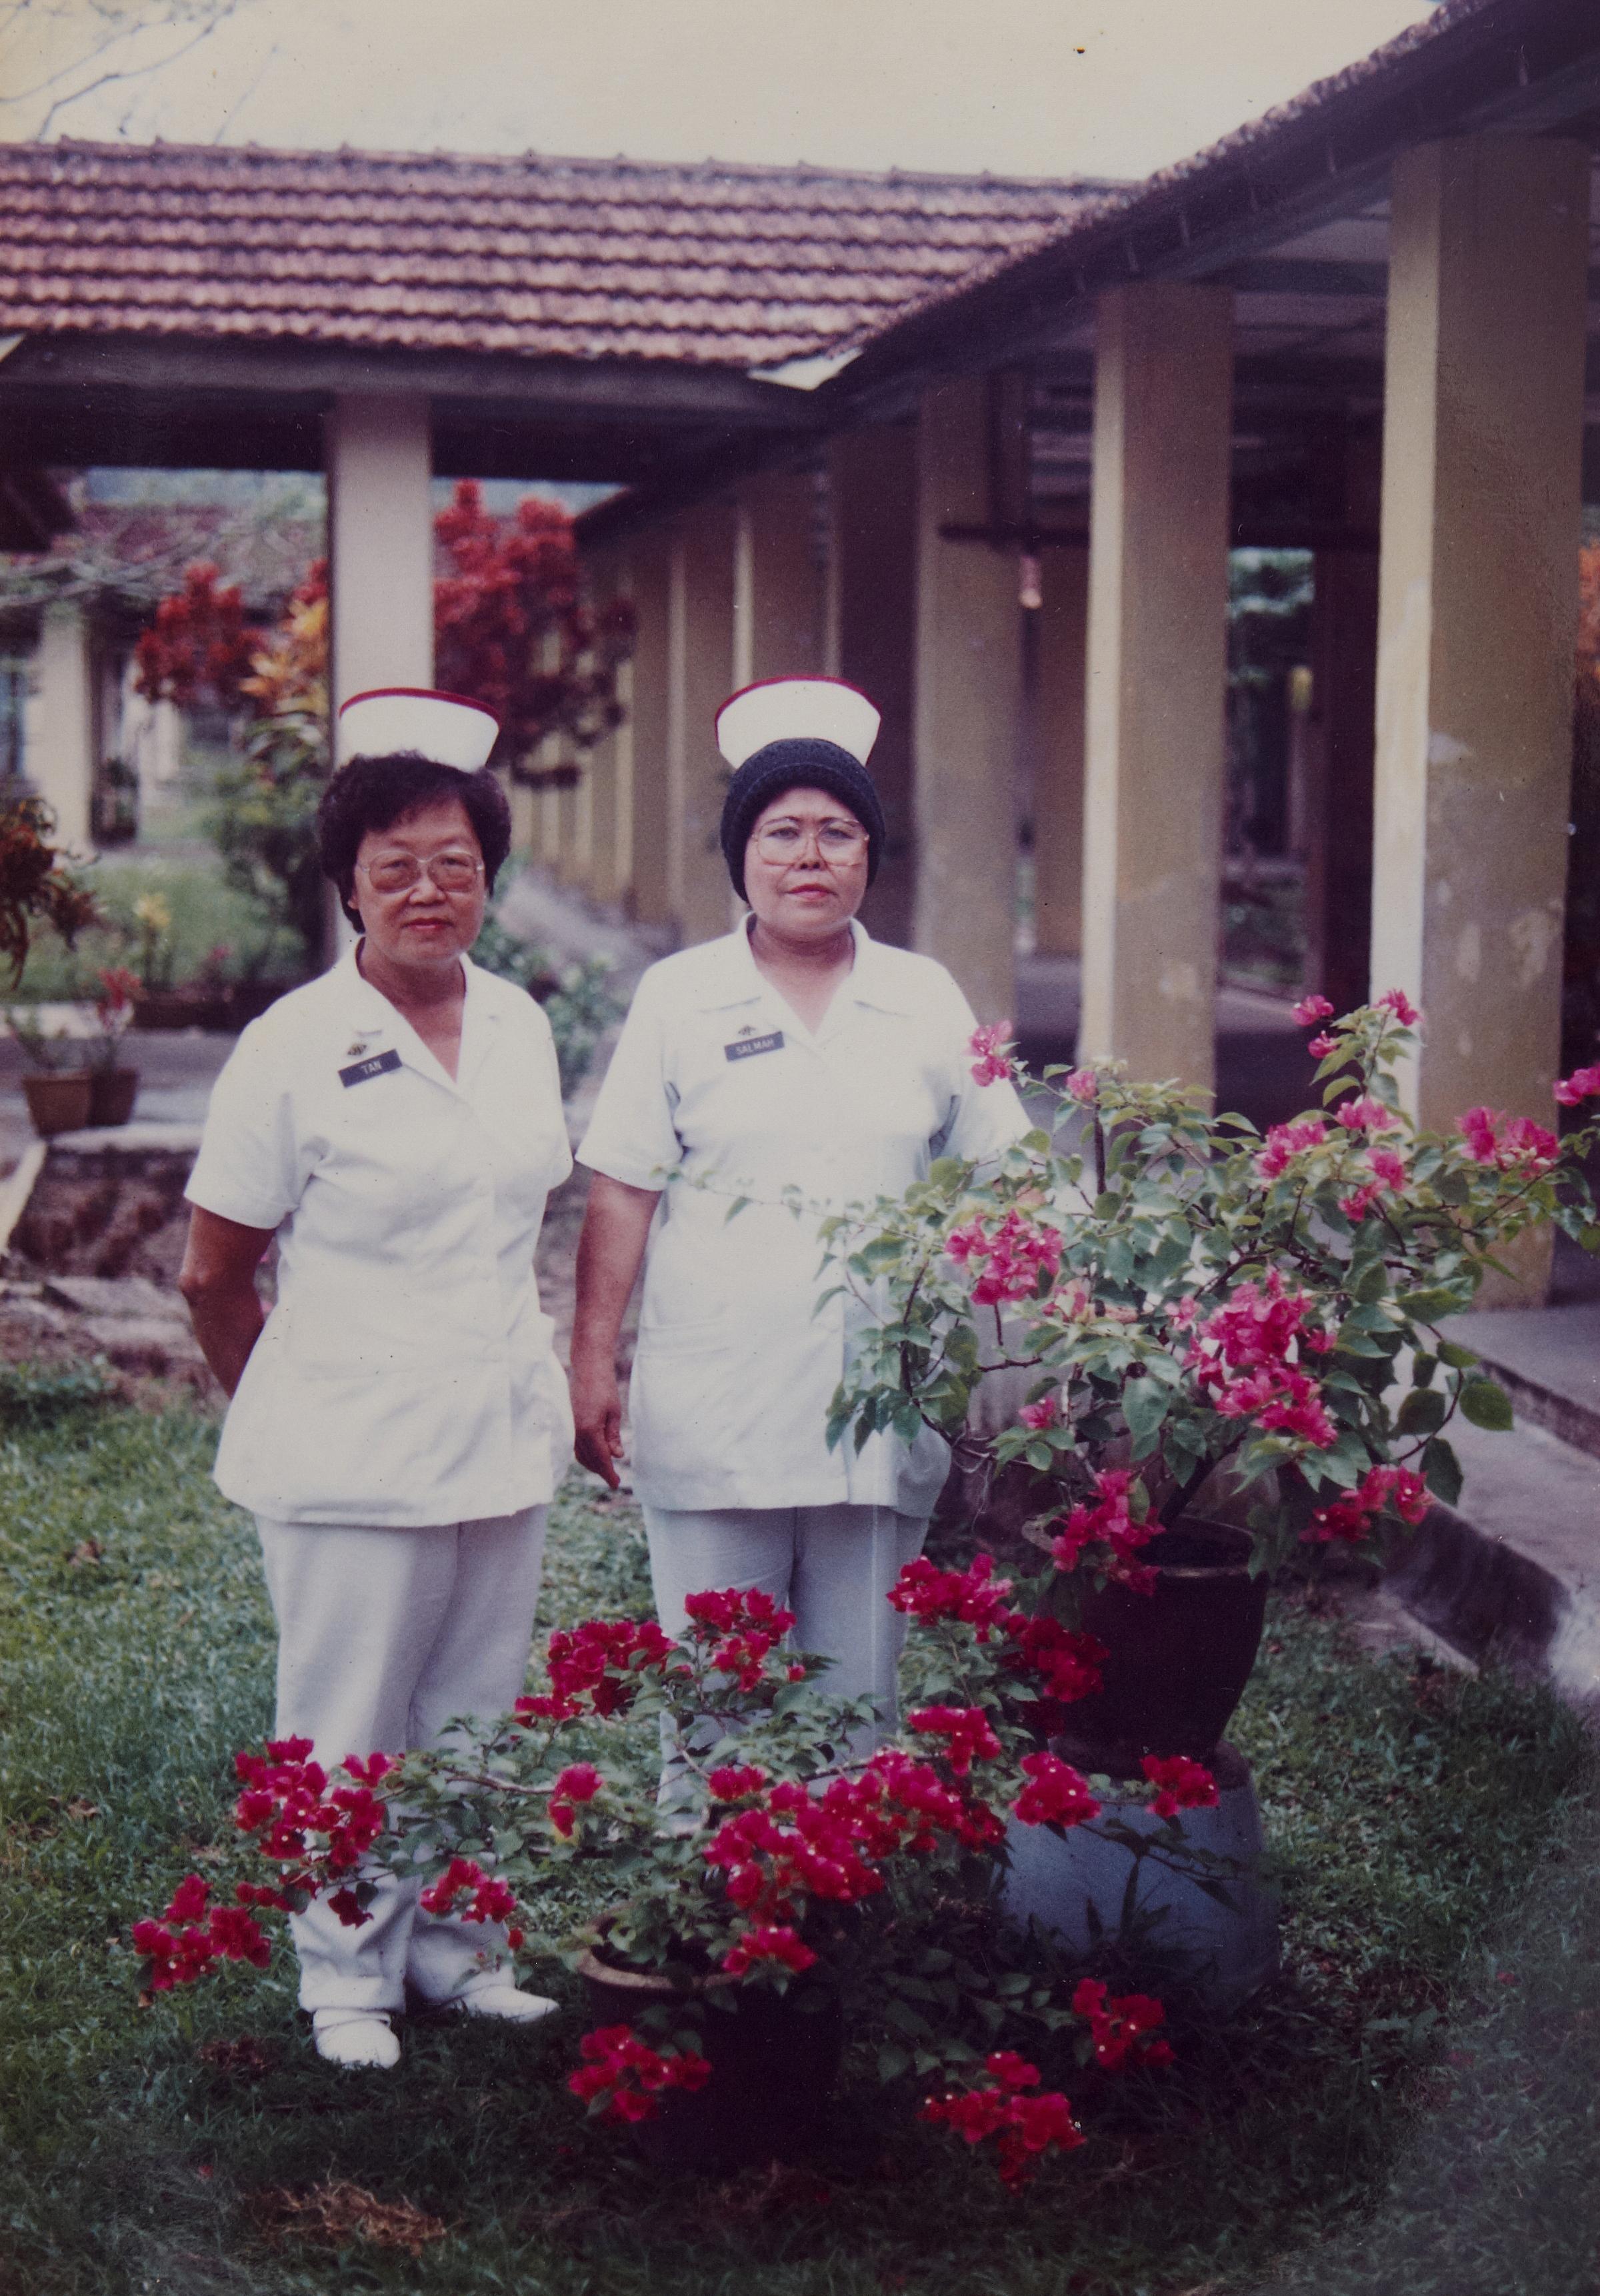 陈清源是其中一名因表现杰出而获聘为正式公务员的病患员工。(照片由陈清源提供)